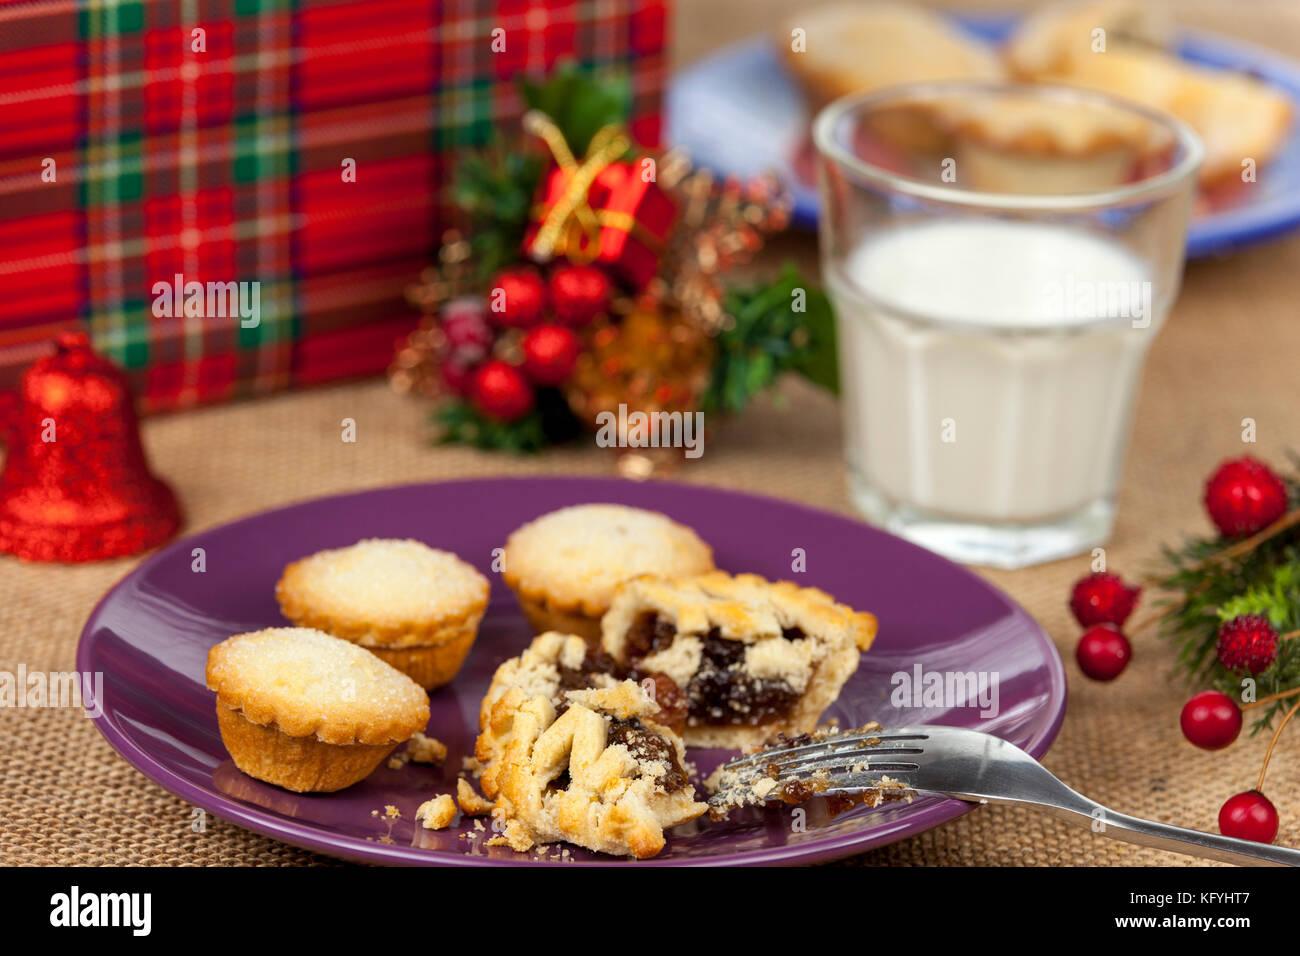 Gebrochene pie auf lila Platte mit einem Glas Milch auf Weihnachten ein Tisch mit einem hessischen Tischdecke mince Stockfoto